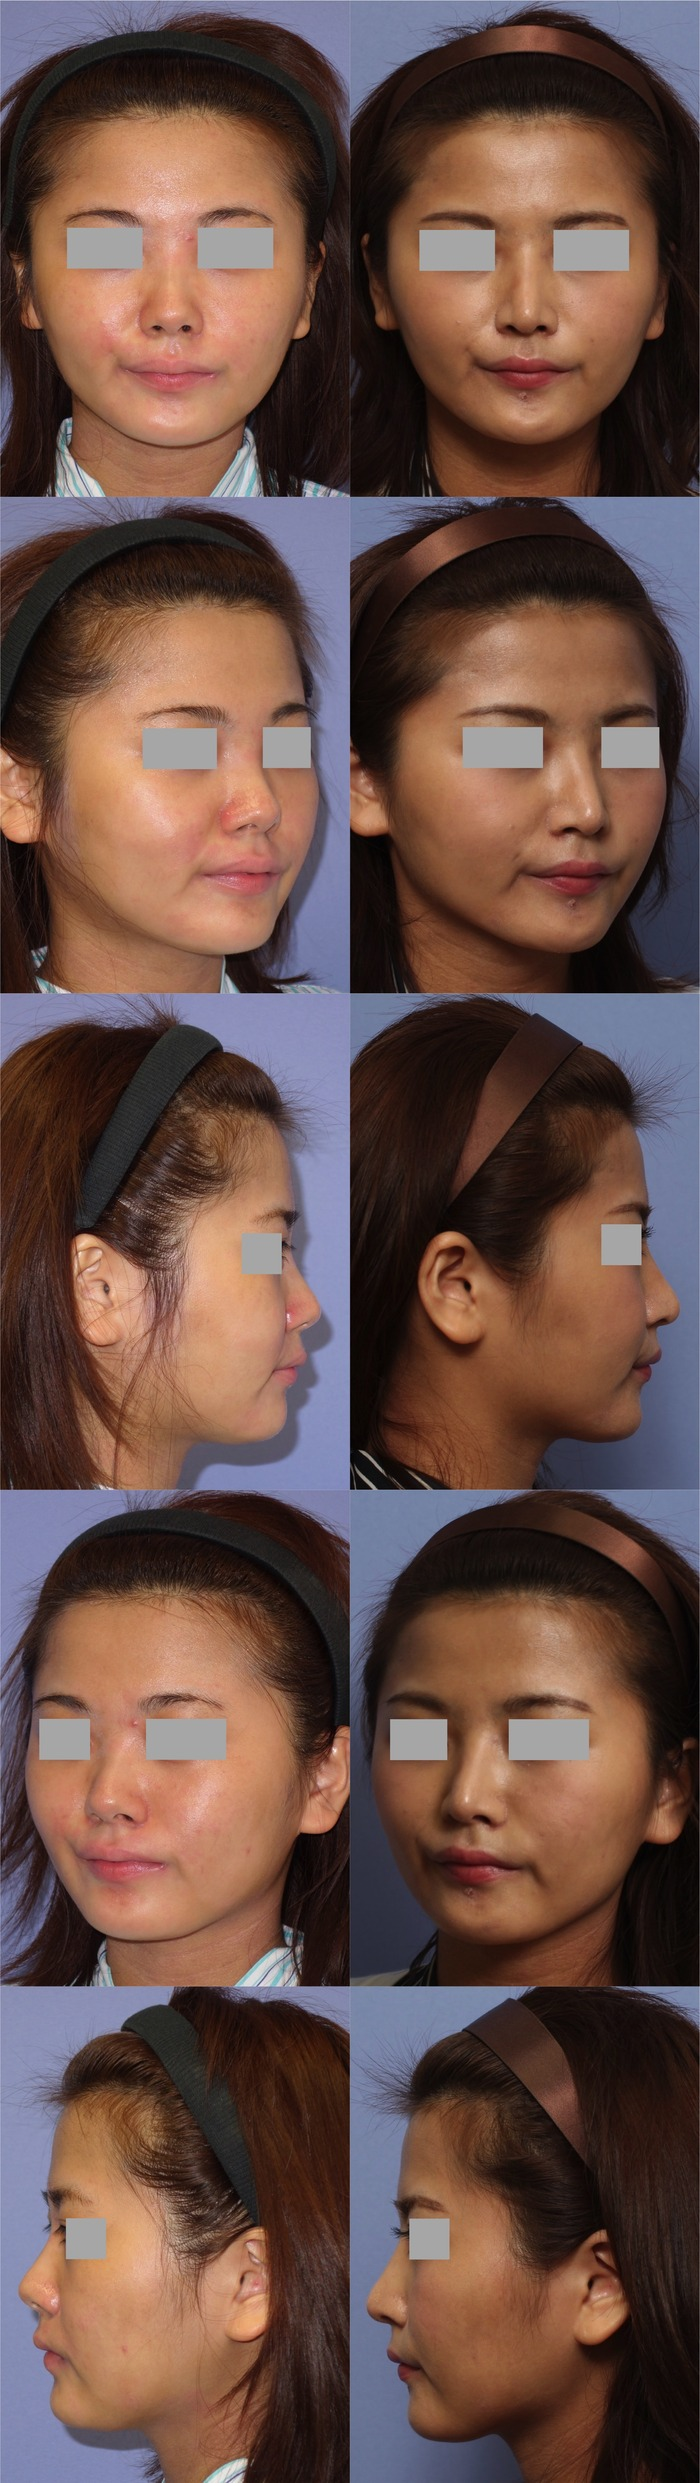 鼻中隔延長術 隆鼻術 1ヶ月